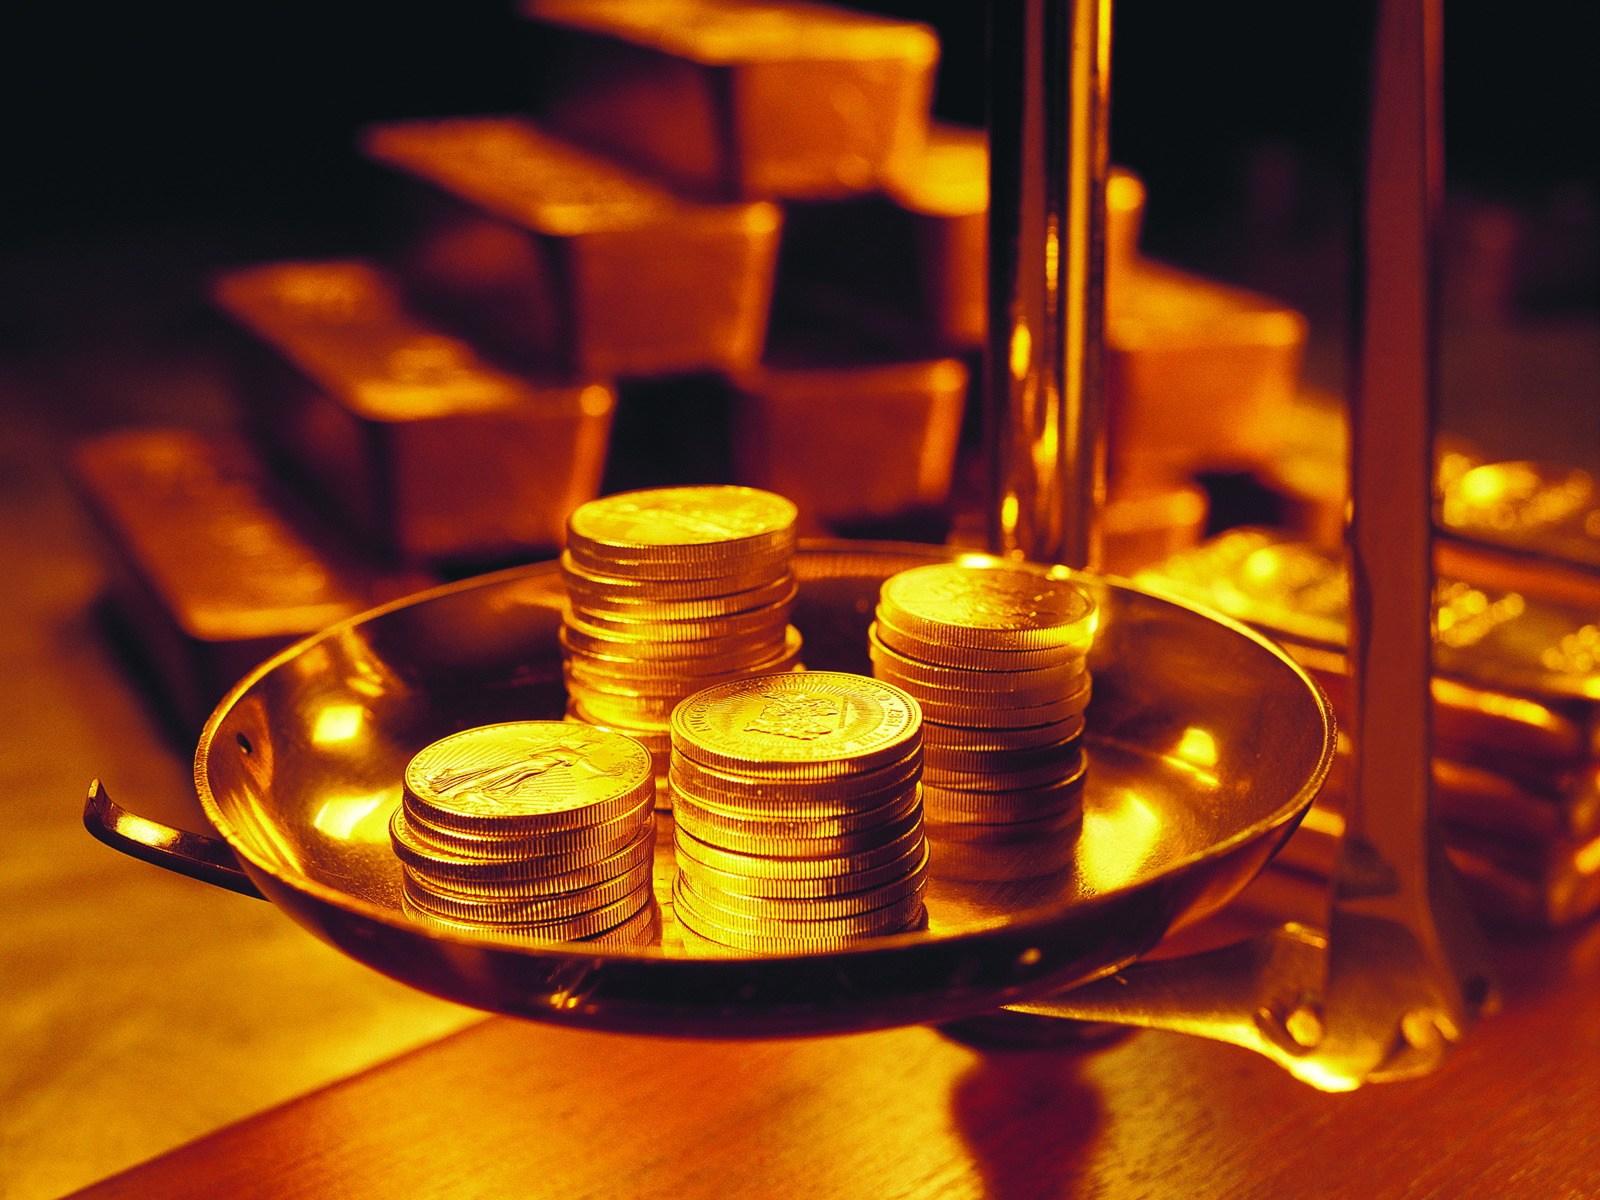 Giá vàng hôm nay 11/10: Giảm nhẹ vào đầu tuần mới